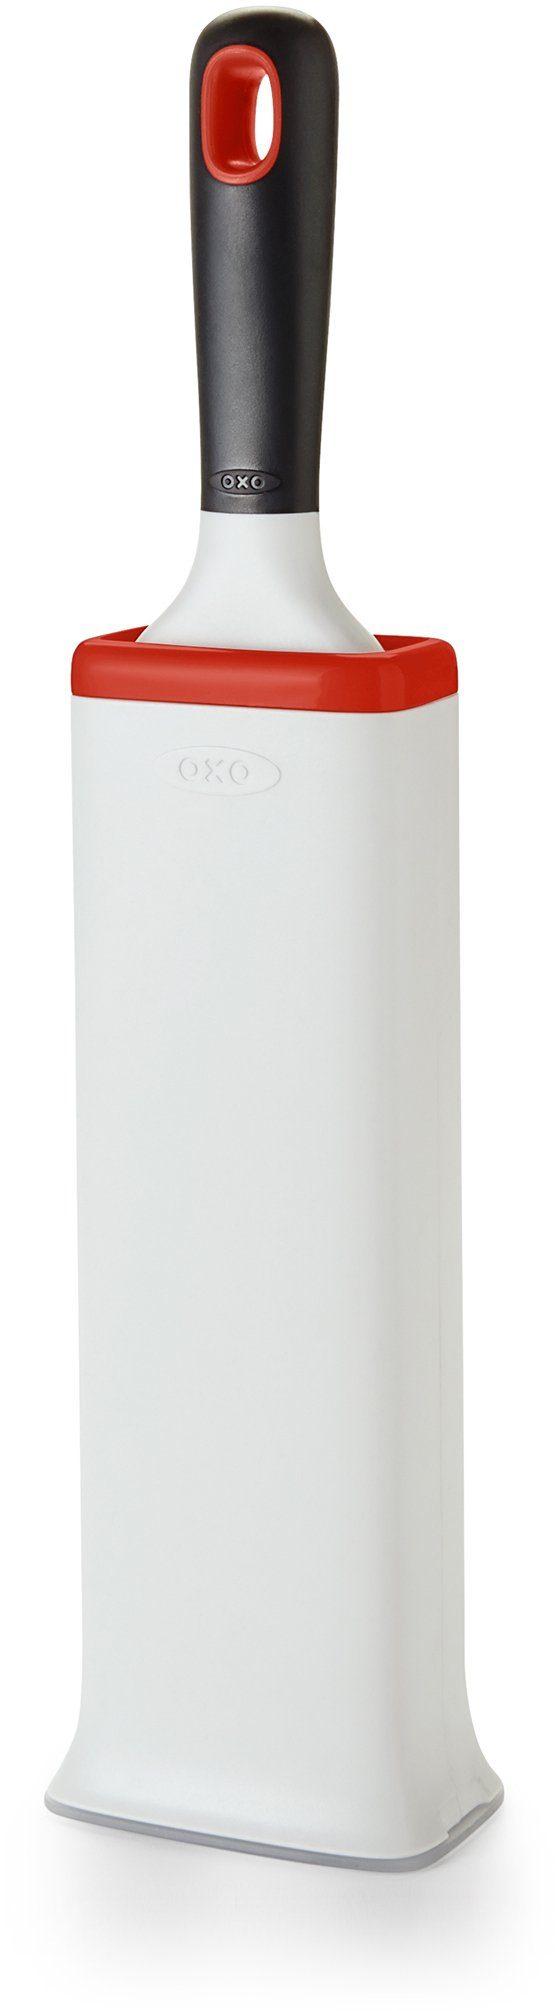 OXO Selbstreinigende Möbelbürste